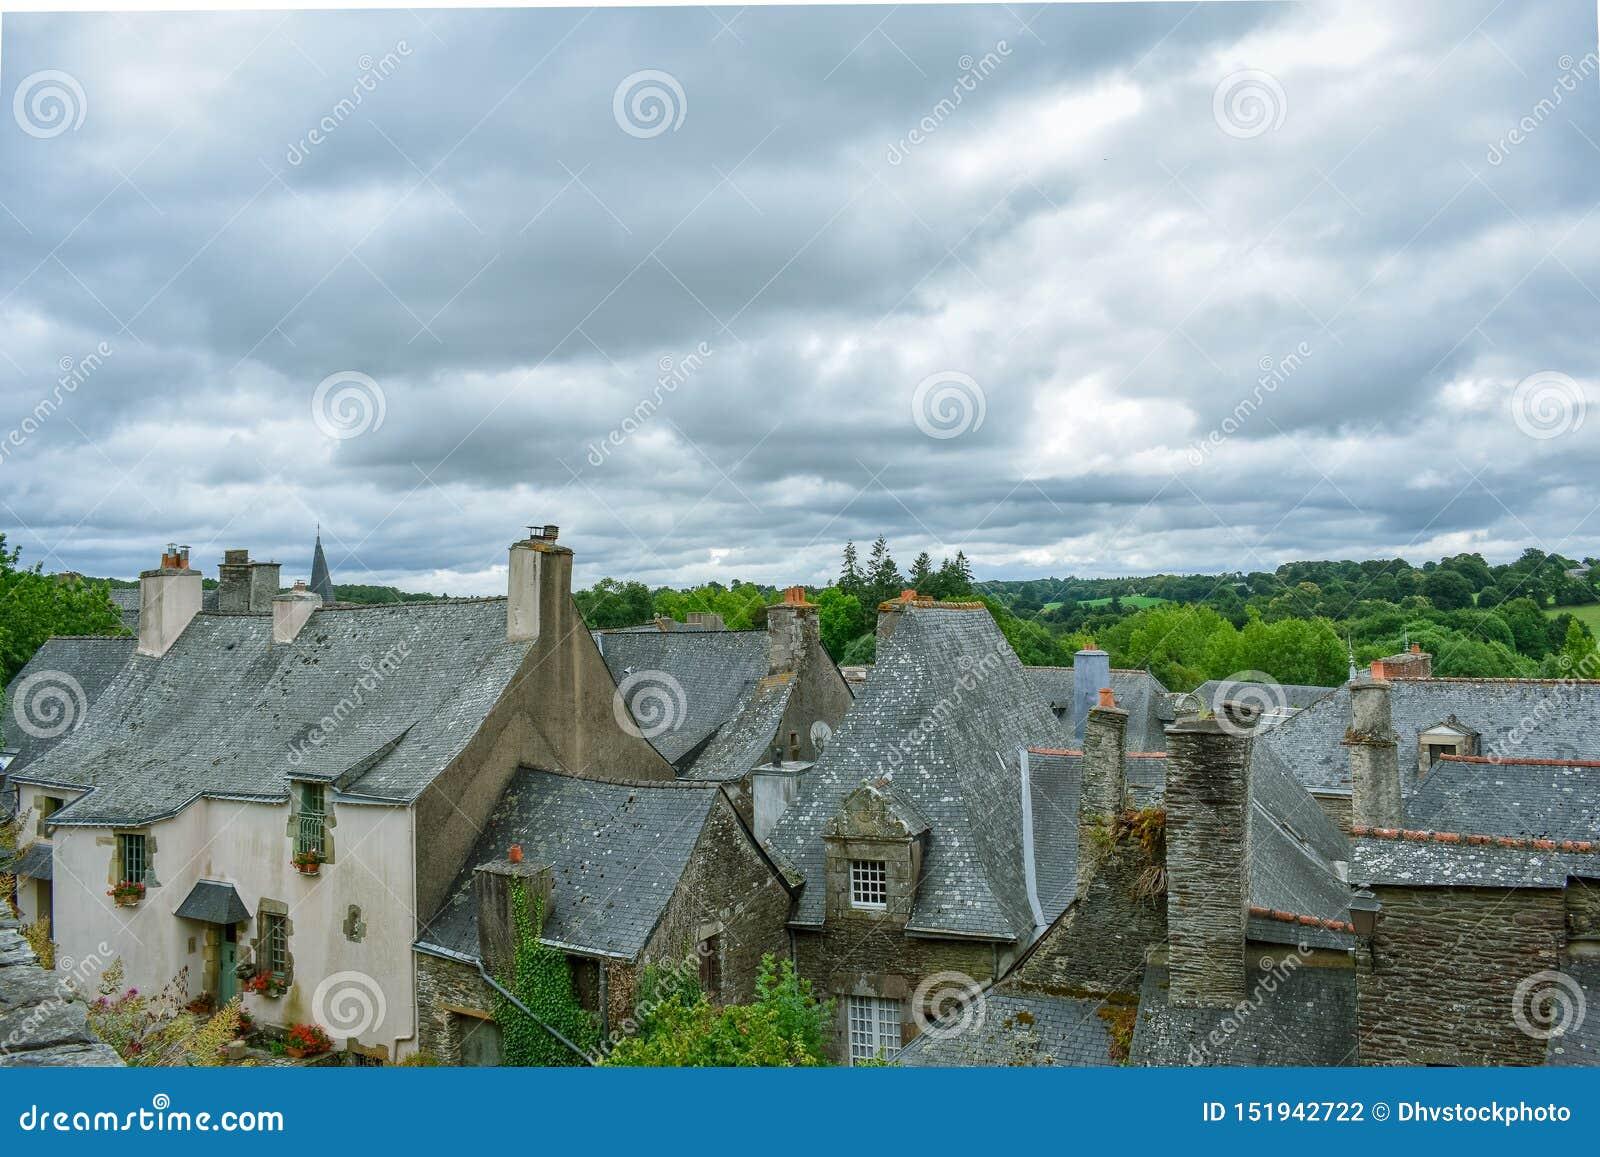 老房子的屋顶在泰尔地区罗谢福尔,法国布里坦尼